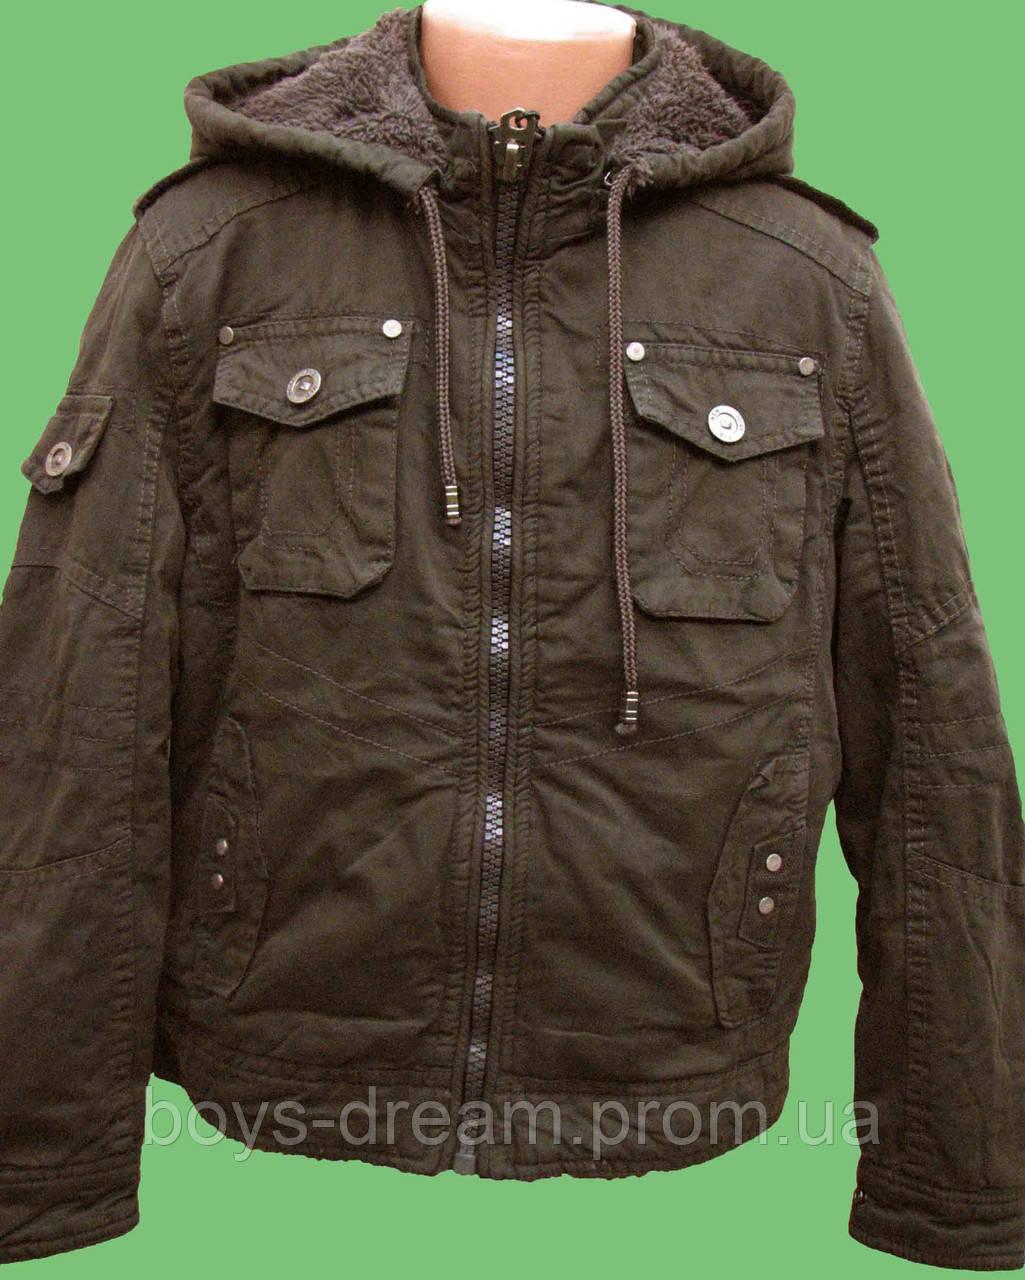 Куртка демисезонная для мальчика 8 лет Nanica Kids (Турция)